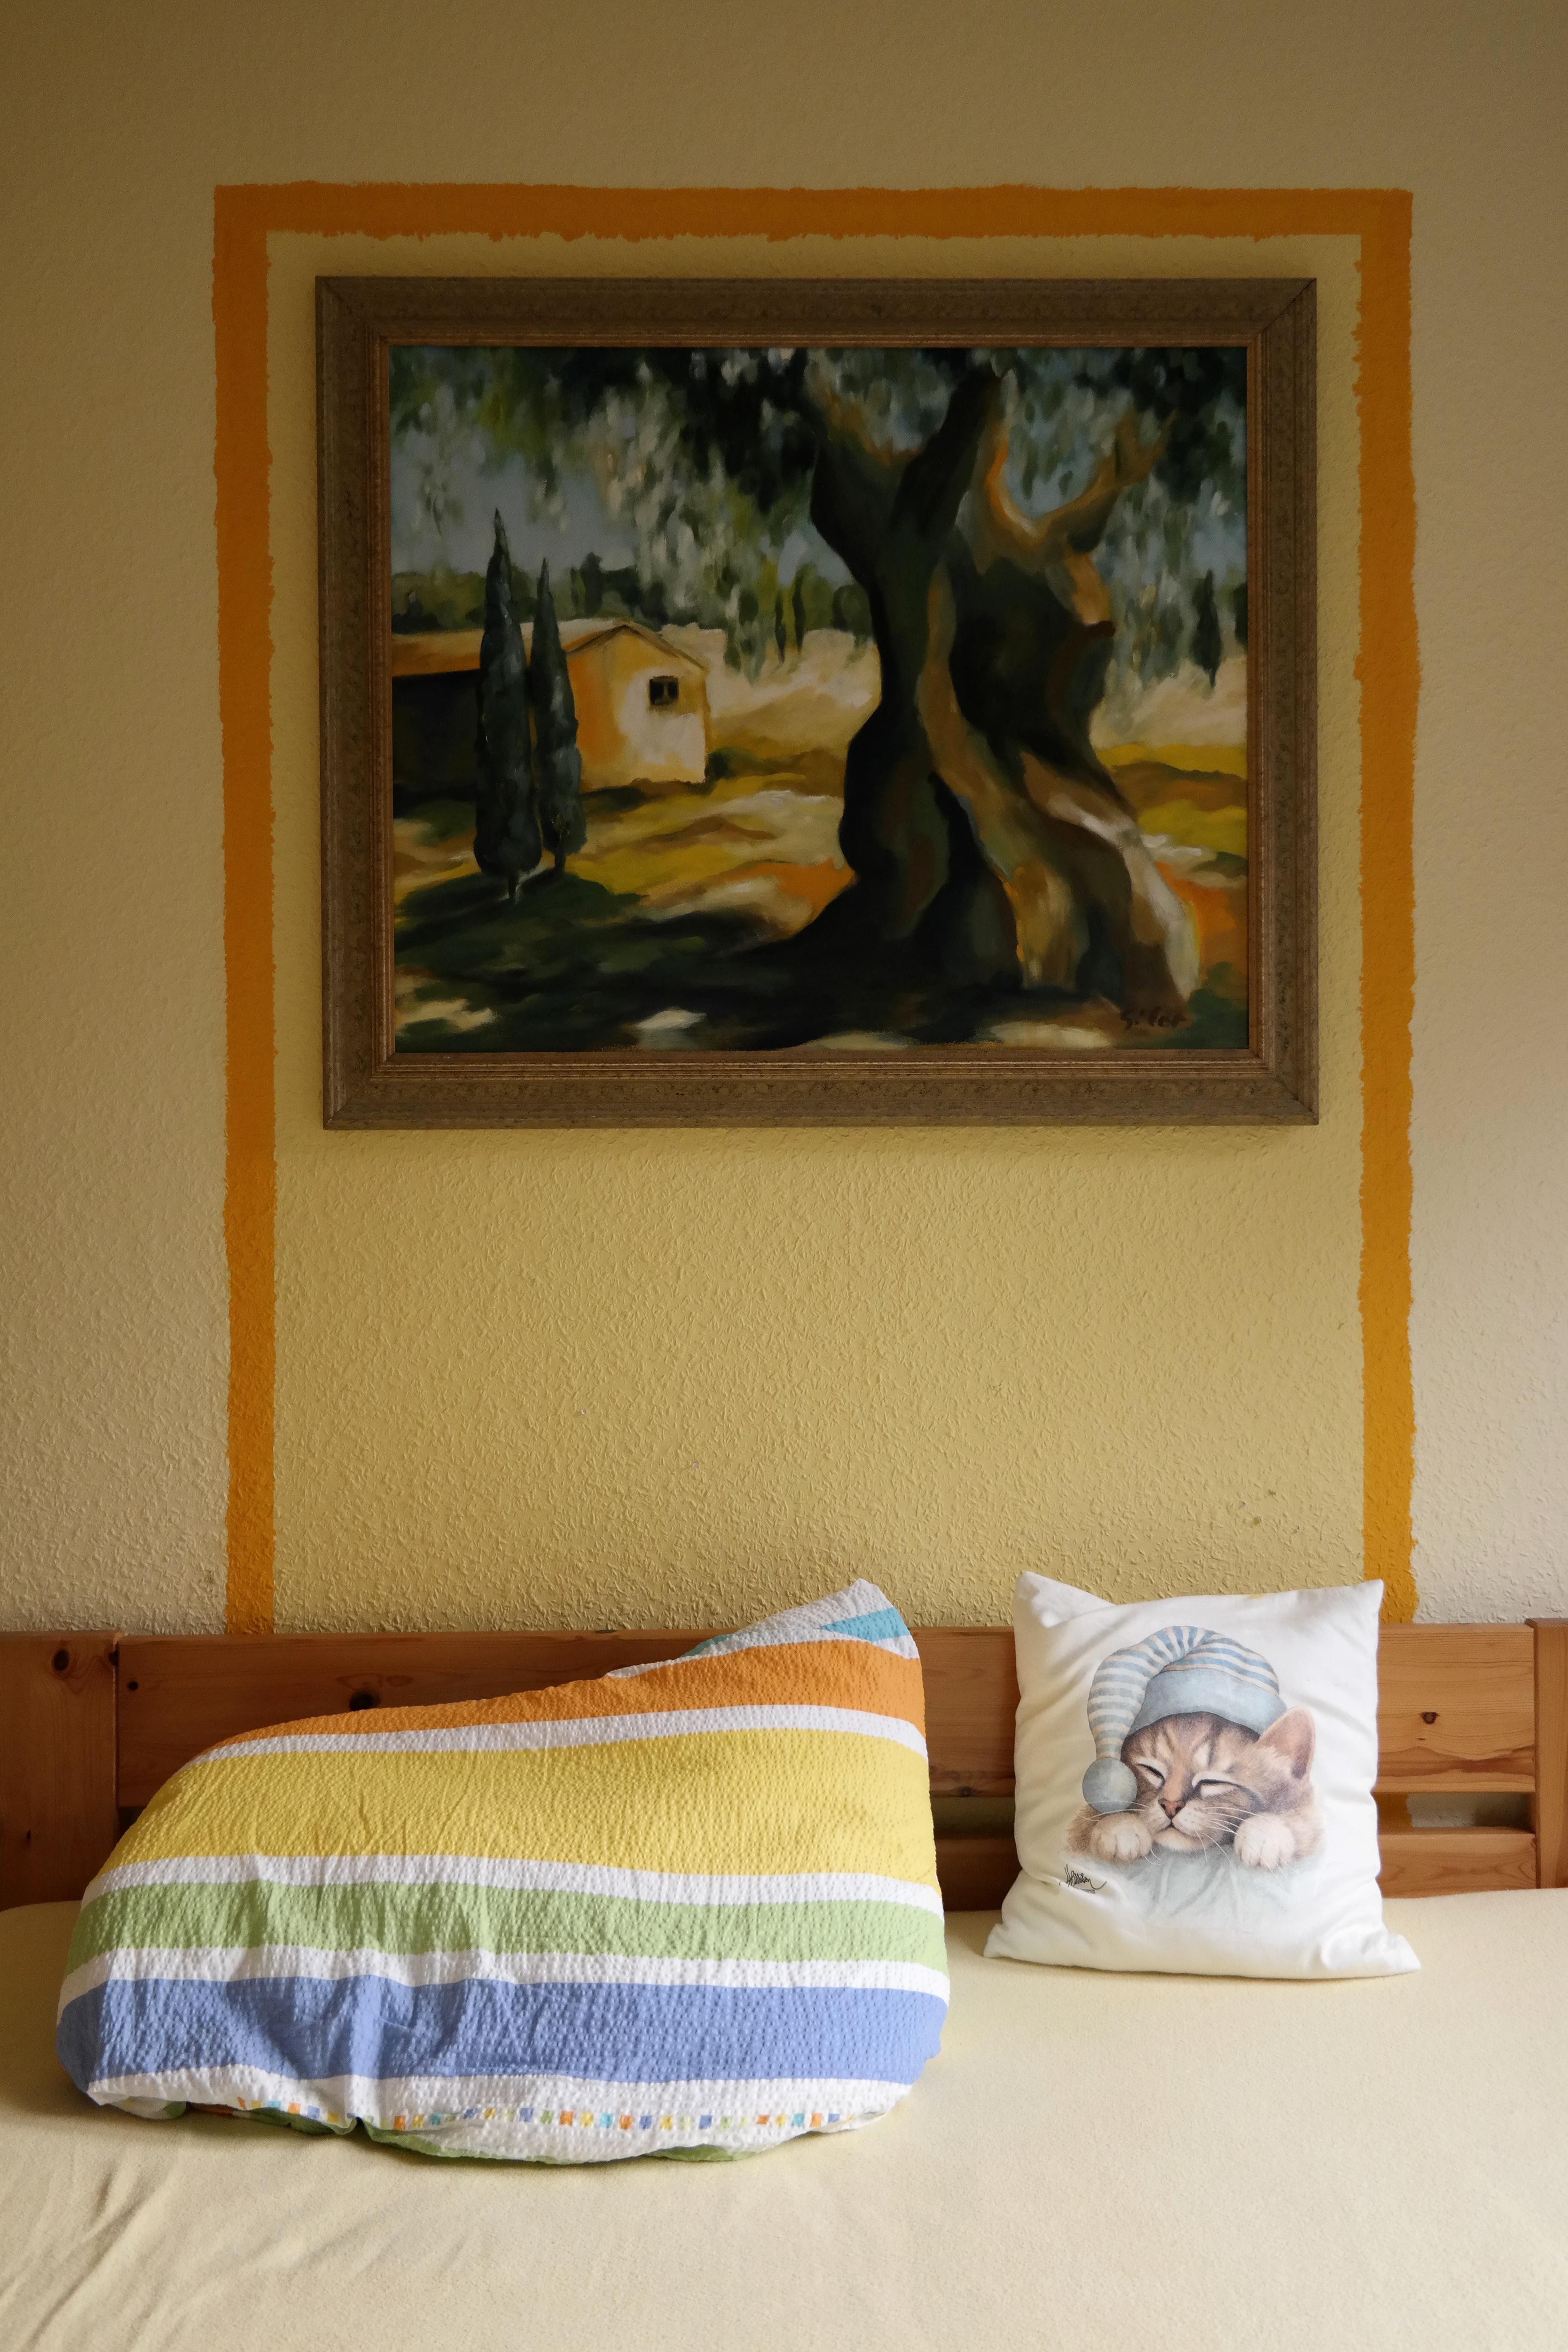 AuBergewohnlich Kostenlose Foto : Holz, Mauer, Entspannen Sie Sich, Gemütlich, Wohnzimmer,  Sich Ausruhen, Möbel, Zimmer, Kissen, Schlafzimmer, Malerei,  Innenarchitektur, ...